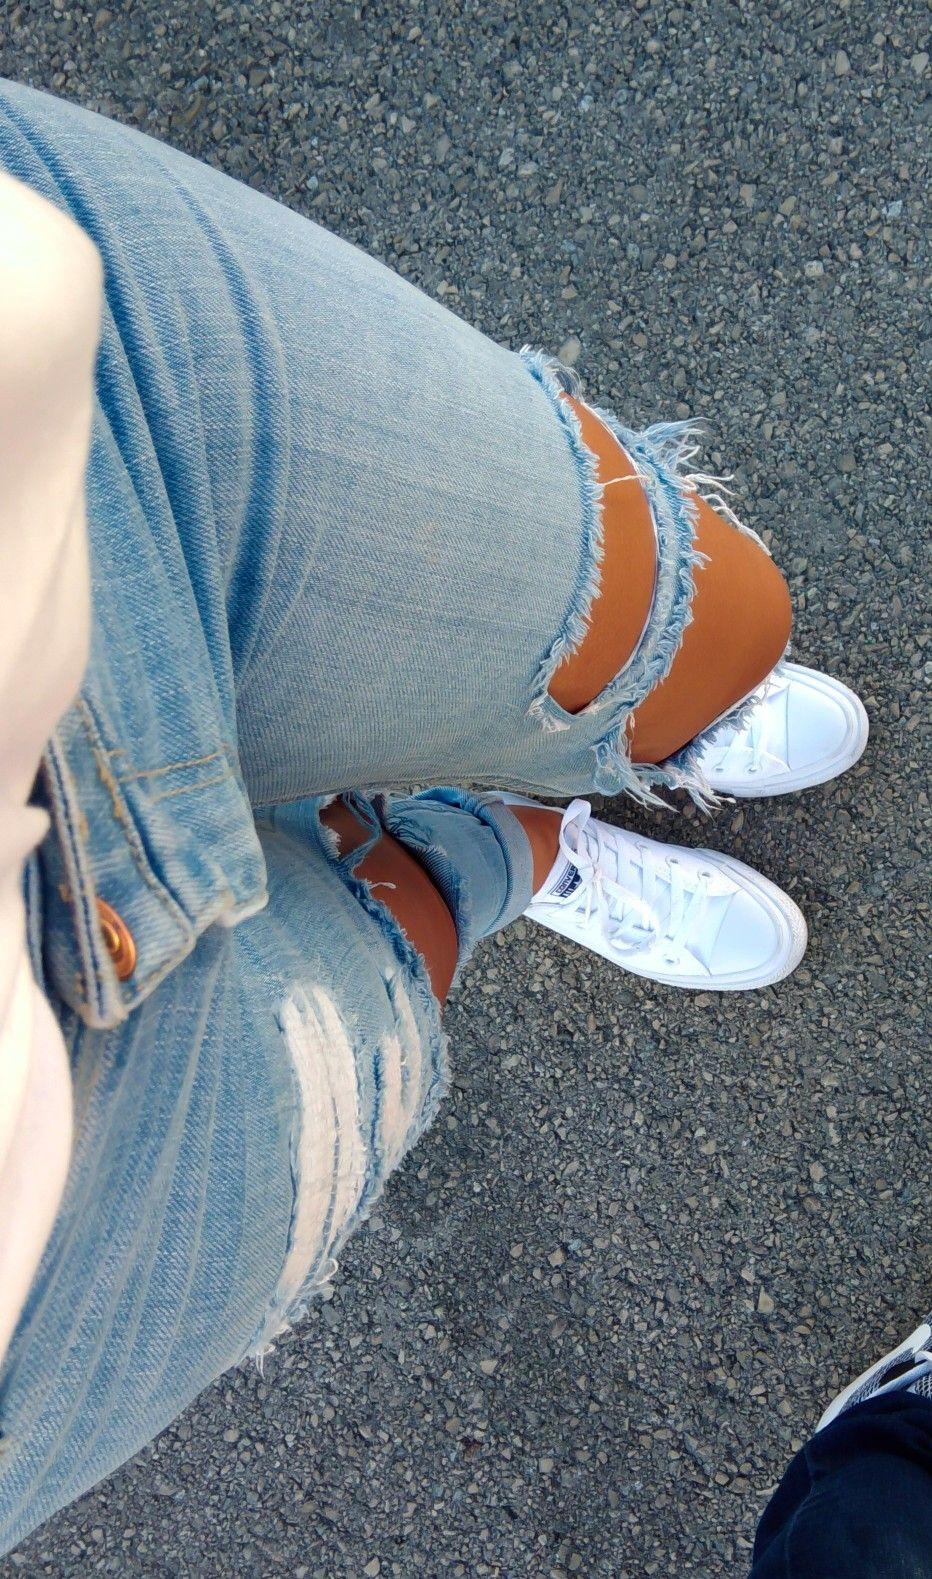 Н©ð¢ð§ððžð«ðžð¬ð Н¦ð¨ð«ððšð§ð°ð¢ð¥ð¤ð¢ð§ð¬ð¬ Pantalones Rotos Mujer Pantalon A La Cintura Zapatos Tumblr